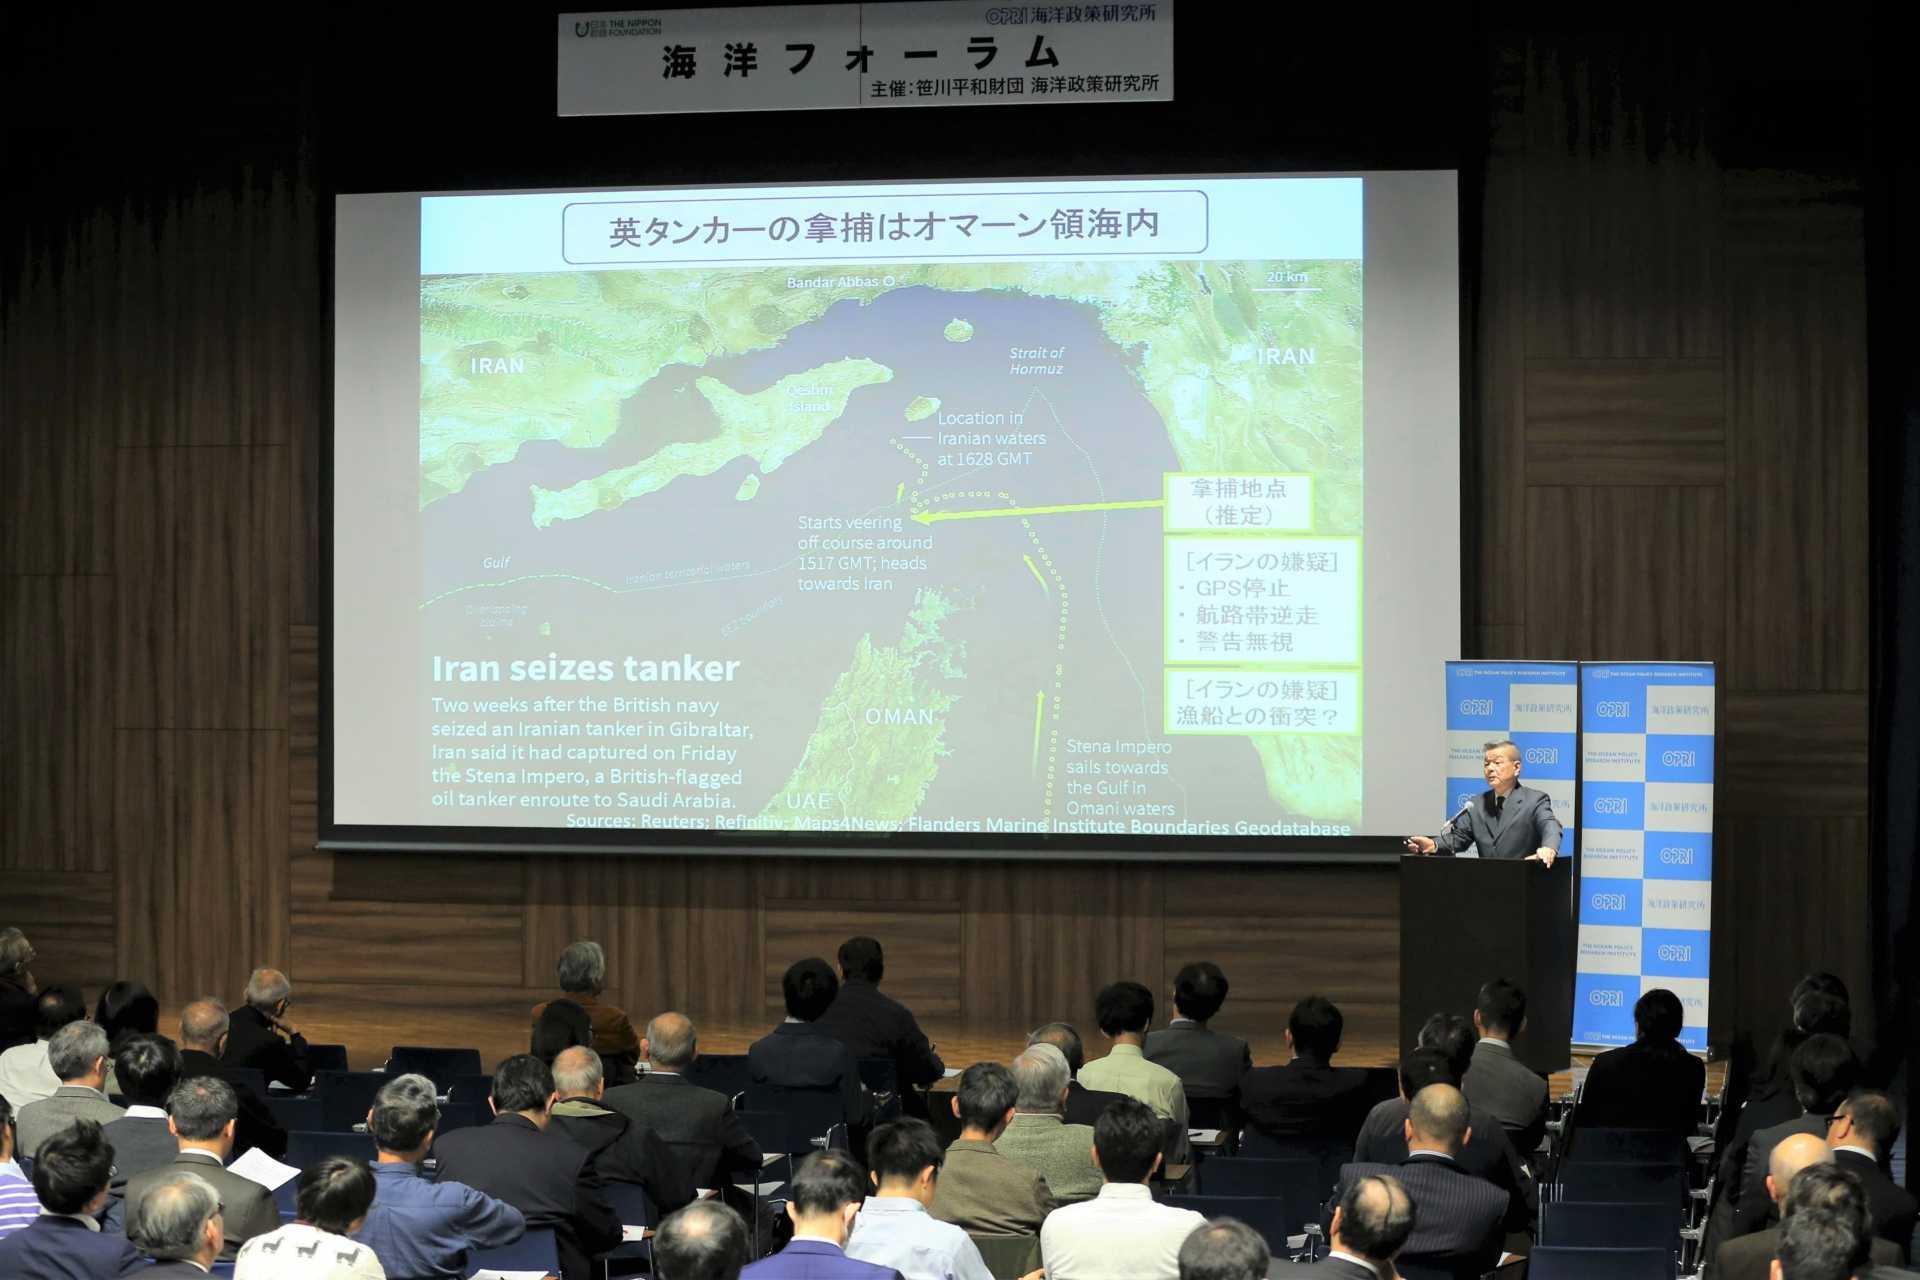 第167回海洋フォーラム 中東地域における我が国に関係する船舶の安全確保―法制度からの論点整理